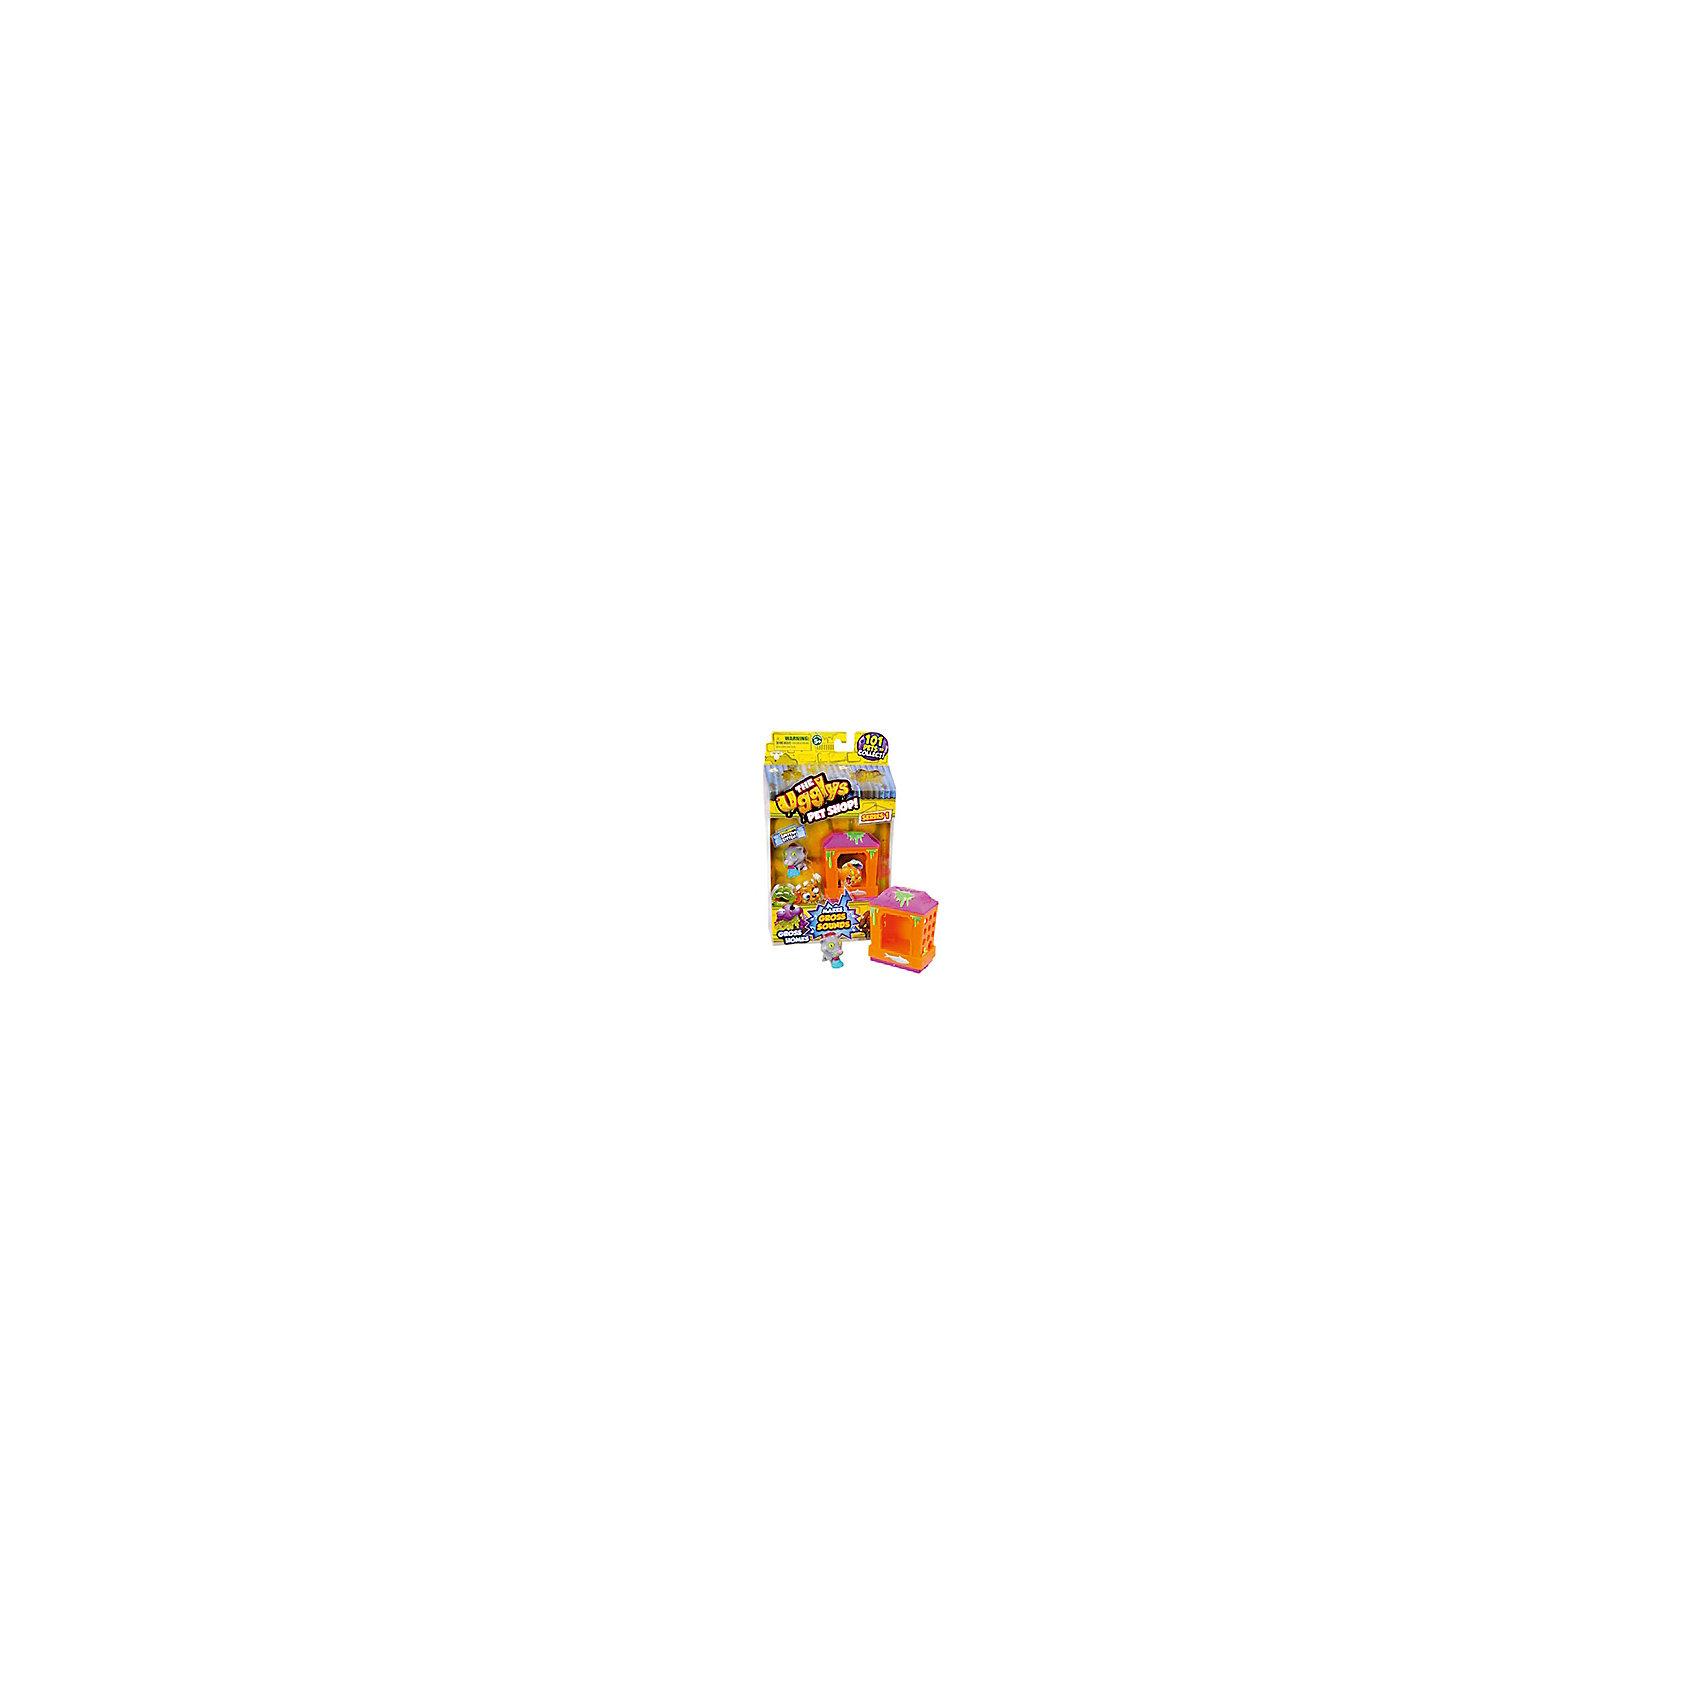 Набор Домик с фигуркой Mutt Hut, Ugglys Pet ShopКоллекционные и игровые фигурки<br>Набор Домик с фигуркой, Ugglys Pet Shop – это настоящая находка для юной любительницы хулиганских питомцев.<br>Игровой набор из серии «Хулиганские животные» состоит из домика для питомца со звуковыми эффектами и уникальной фигурки питомца, которую нельзя найти в других упаковках и наборах серии. Яркий домик также неказист, как его обитатель, но может издавать преотвратительные звуки, если на него нажать. А если соединить несколько домиков вместе, то из них получится этакая шумная многоэтажная хрущоба для животных.<br><br>Дополнительная информация:<br><br>- В наборе: домик, уникальная фигурка<br>- Материал: высококачественная пластмасса, прорезиненный материал<br>- Батарейки: 2 батарейки LR44 (в комплект не входят)<br>- Размер упаковки: 140х230х50 мм.<br>- Вес: 189 гр.<br><br>Набор Домик с фигуркой, Ugglys Pet Shop можно купить в нашем интернет-магазине.<br><br>Ширина мм: 140<br>Глубина мм: 230<br>Высота мм: 50<br>Вес г: 189<br>Возраст от месяцев: 60<br>Возраст до месяцев: 144<br>Пол: Унисекс<br>Возраст: Детский<br>SKU: 4849997